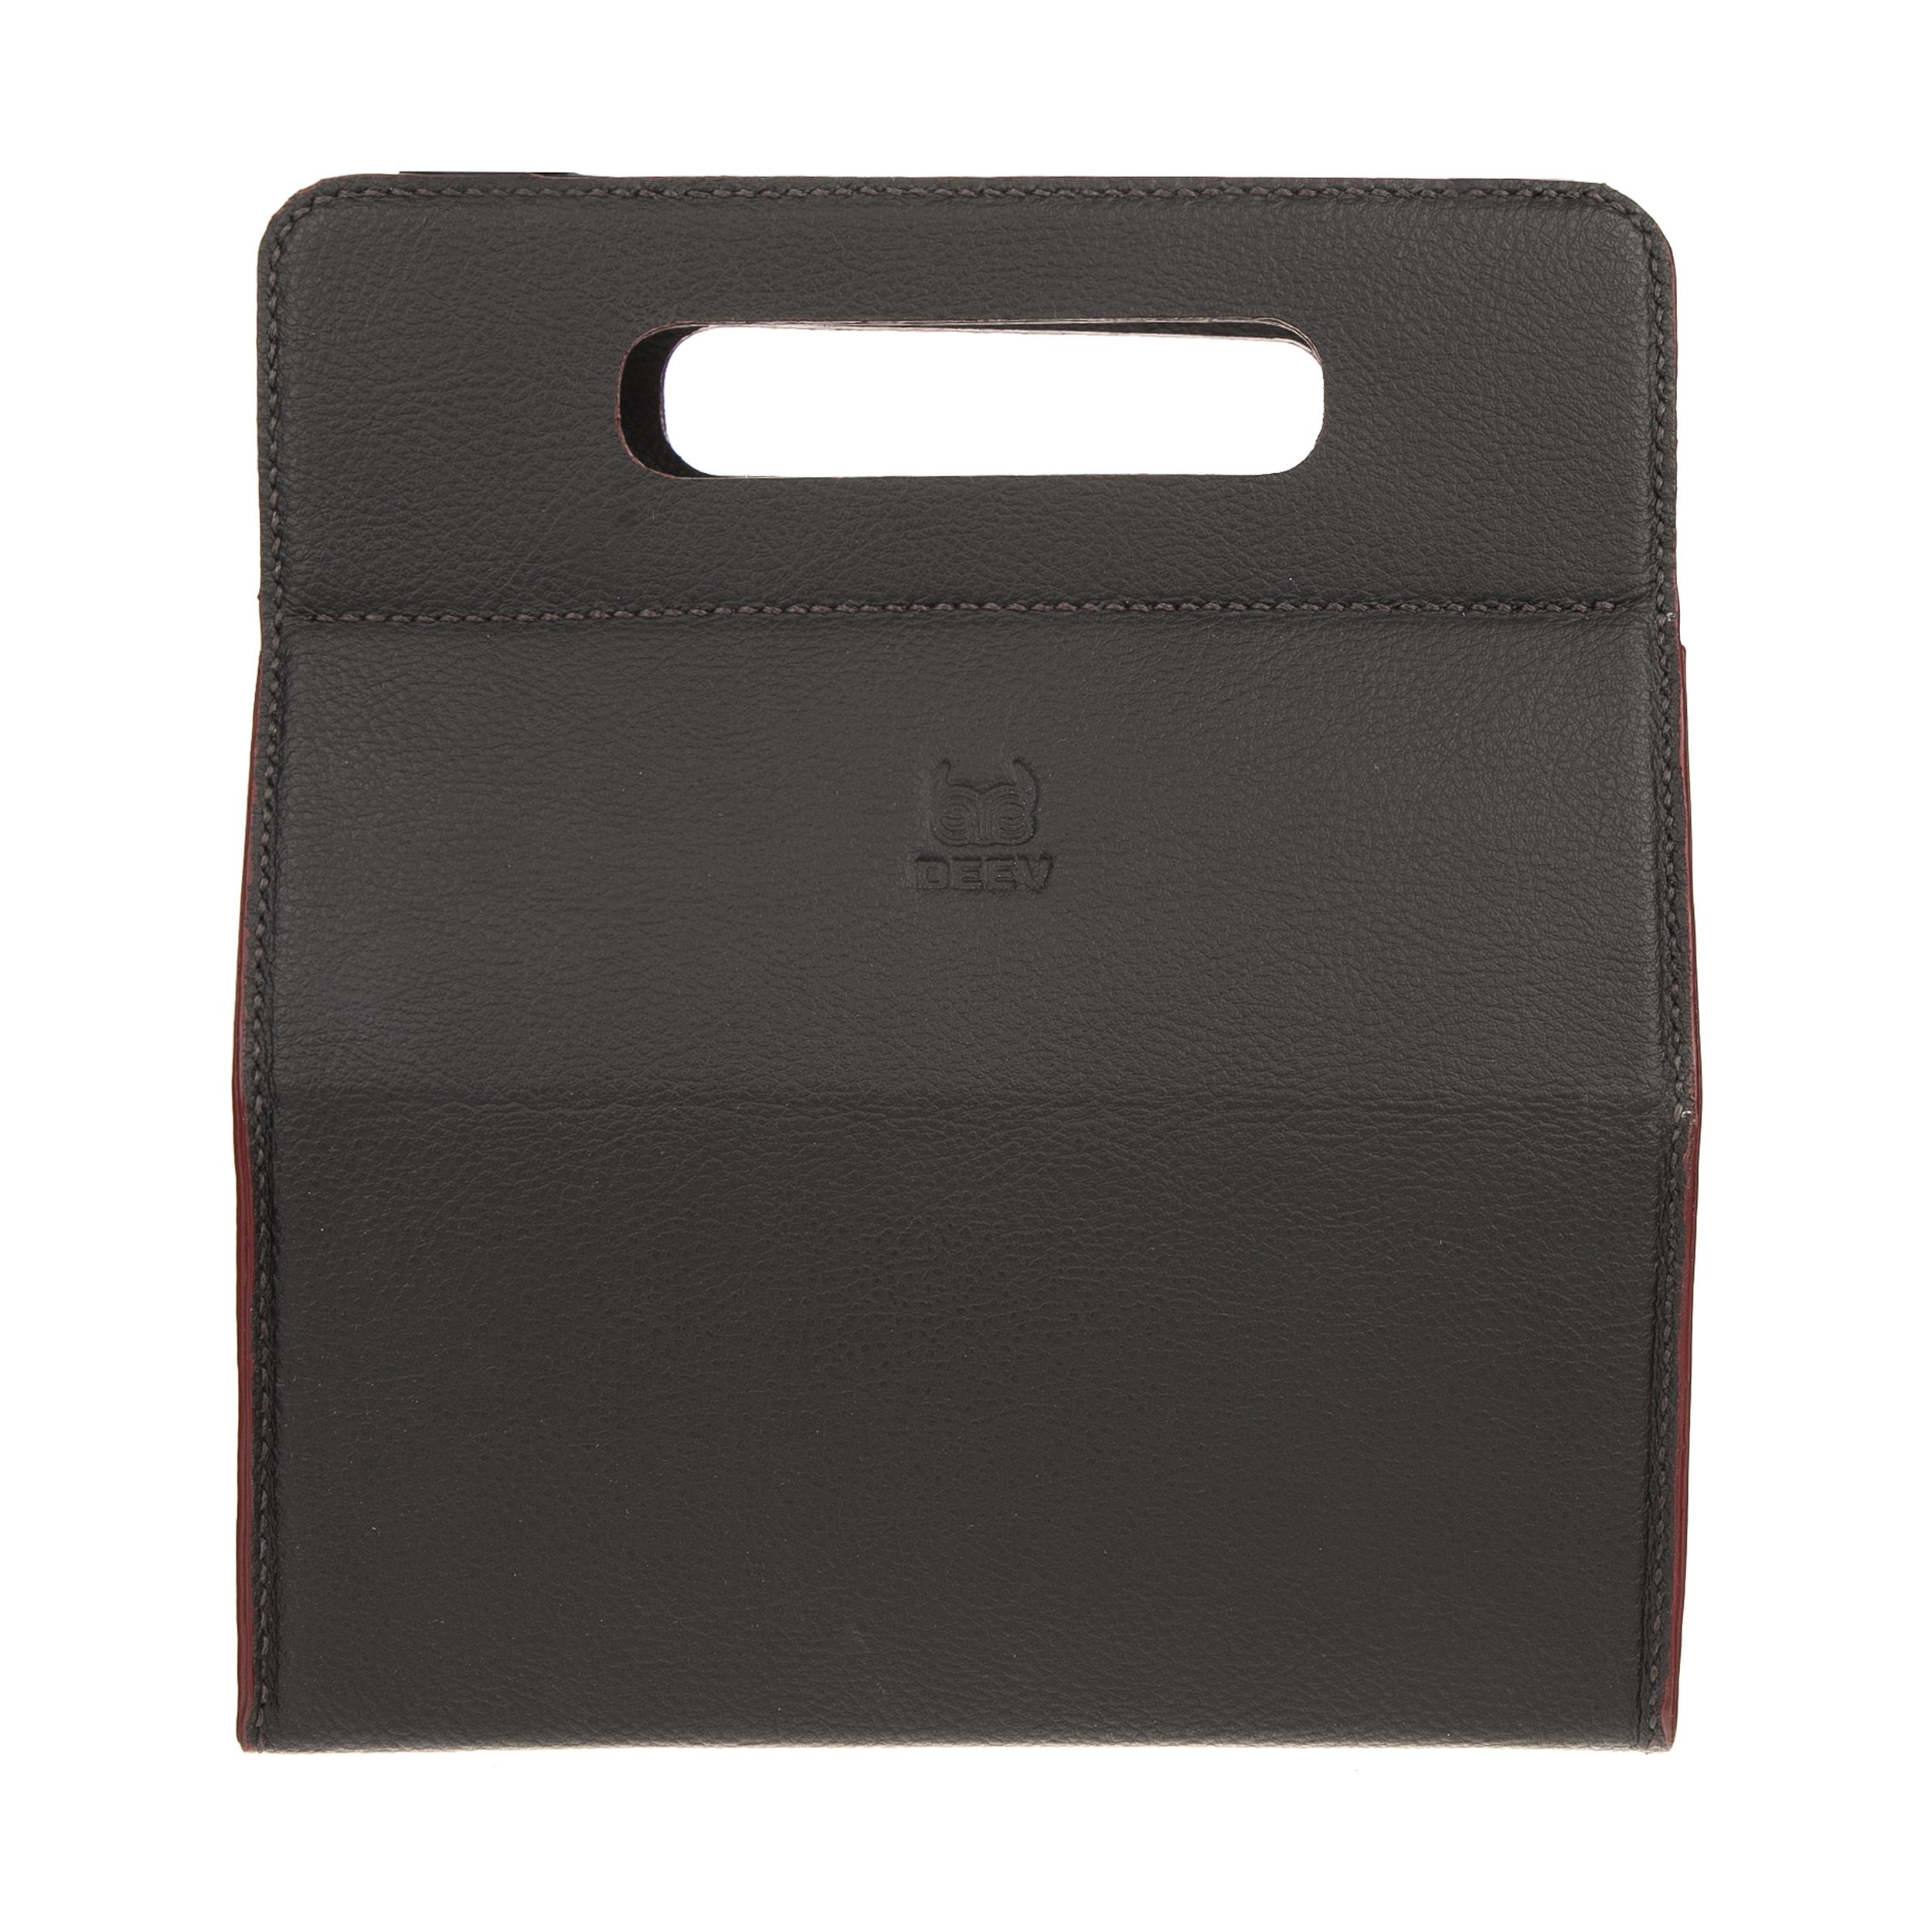 کیف دوشی زنانه دیو مدل 1573104-99